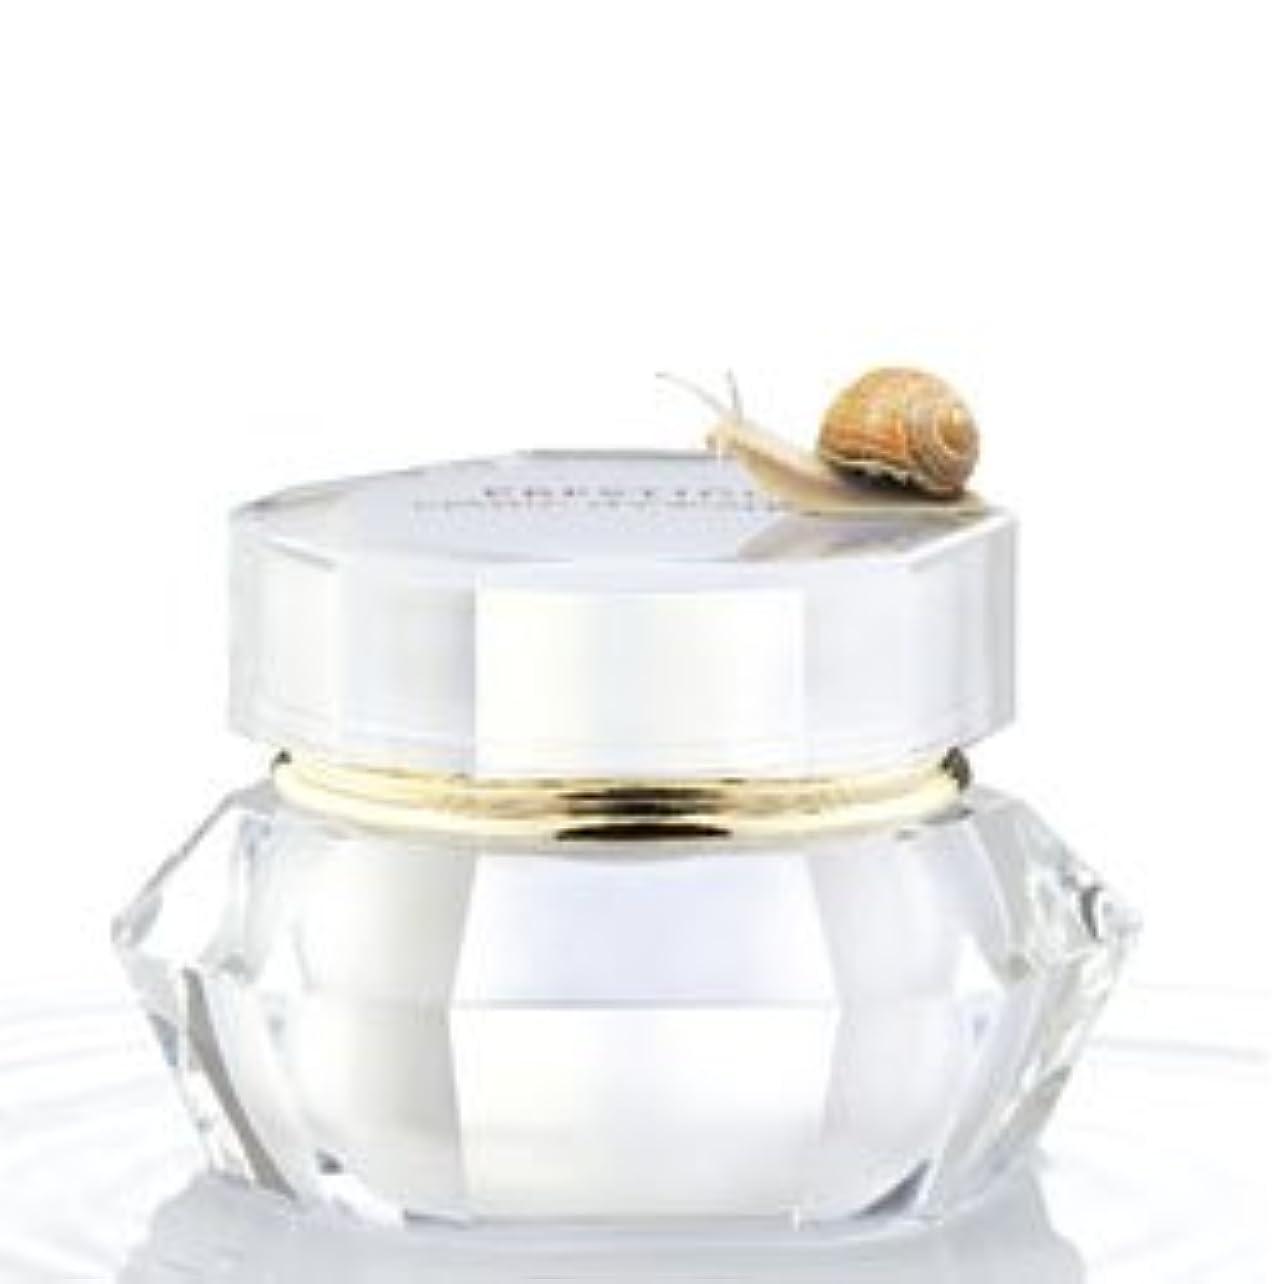 思いつく不変動機付けるイッツスキン プレステージ エスカルゴ カタツムリ クリーム(60ml×1点)It's Skin Prestige Snail Escargot Cream